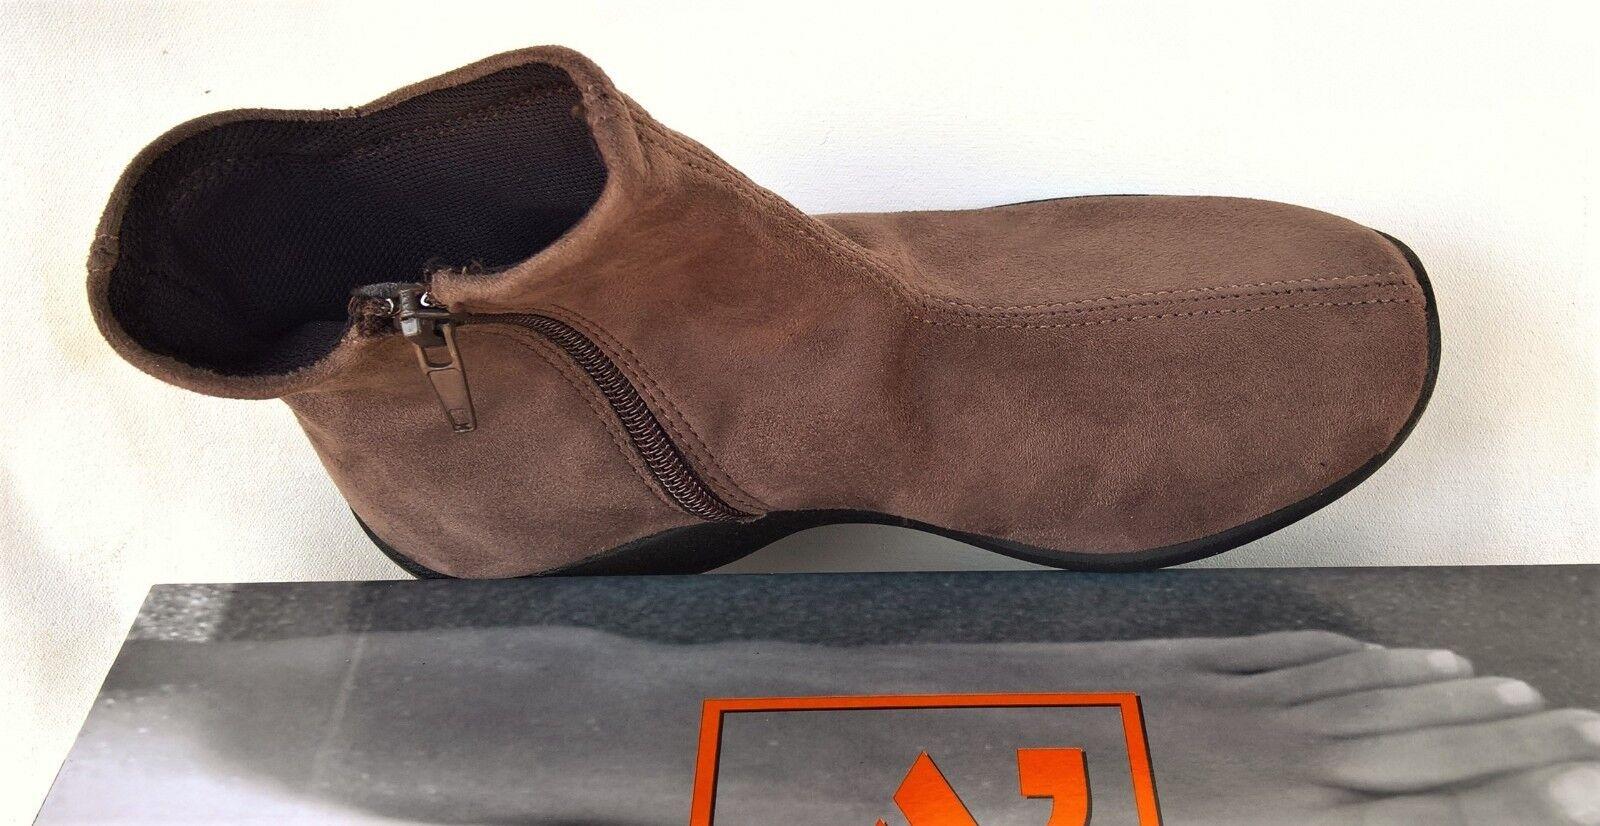 Arcopedico Shoes comfort L19 comfort Shoes ankle boots - 7 colours 55ee9e